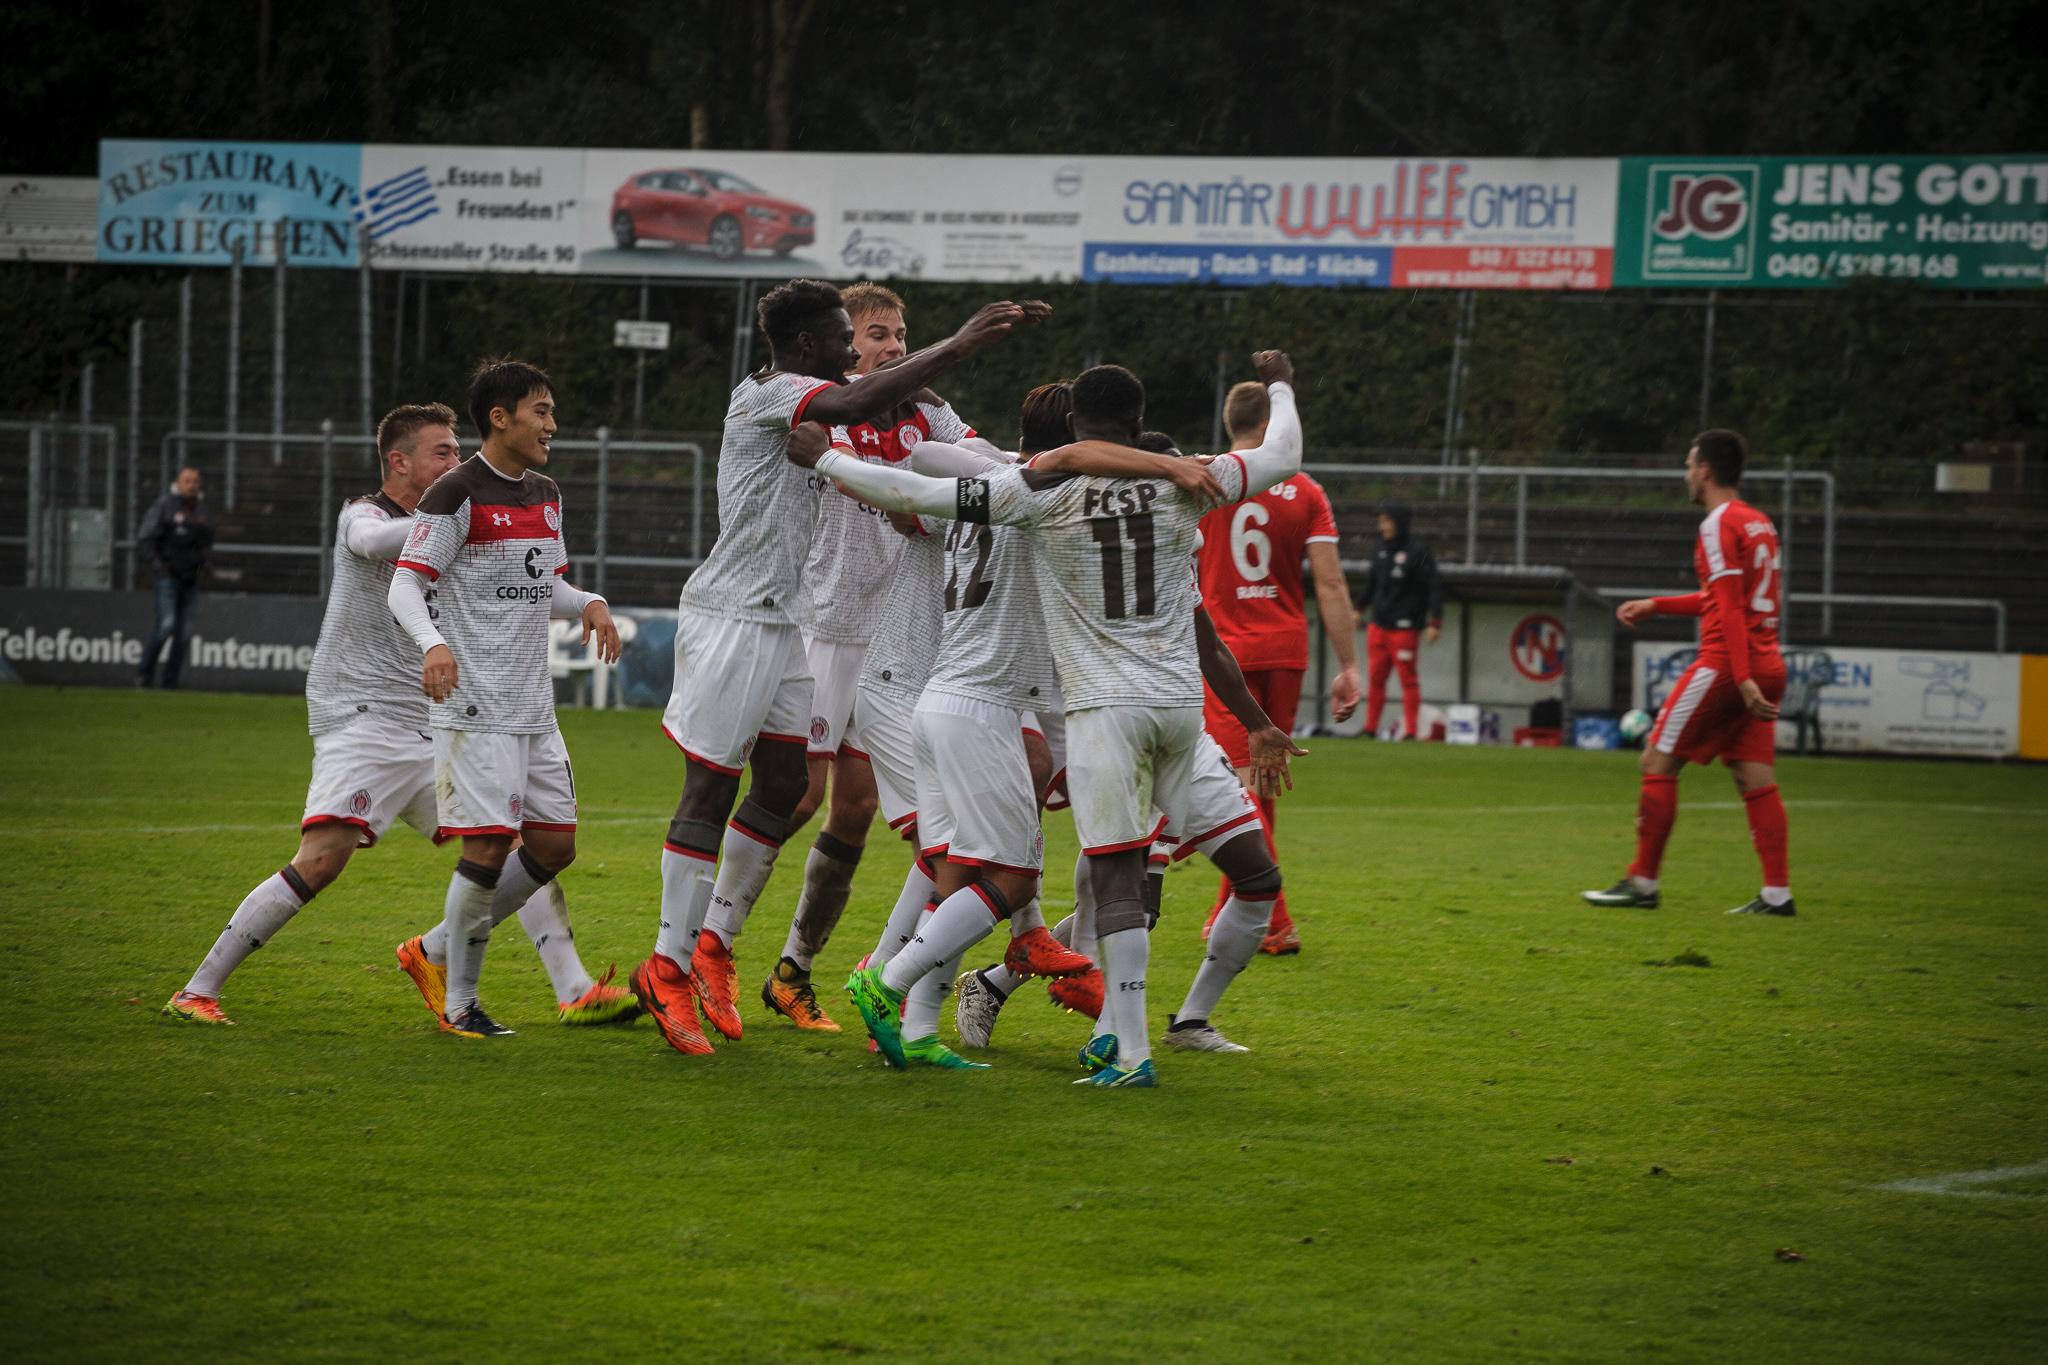 Englische Woche - Teil 2: Unsere U23 will den nächsten Heimsieg